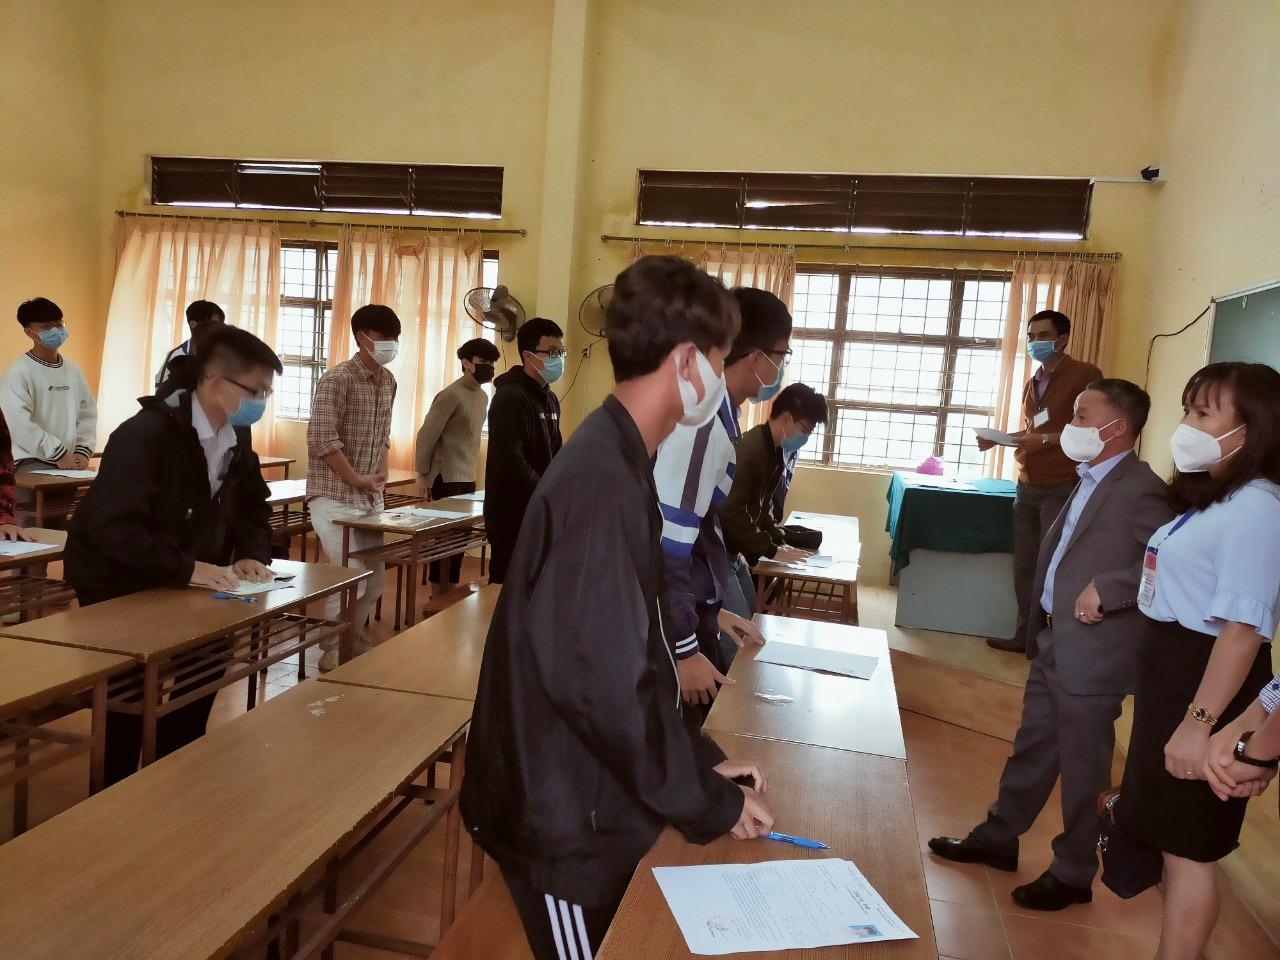 Sở Giáo dục và Đào tạo tỉnh Lâm Đồng chuẩn bị tổ chức thi đợt 2 Kỳ thi tốt nghiệp THPT năm 2021